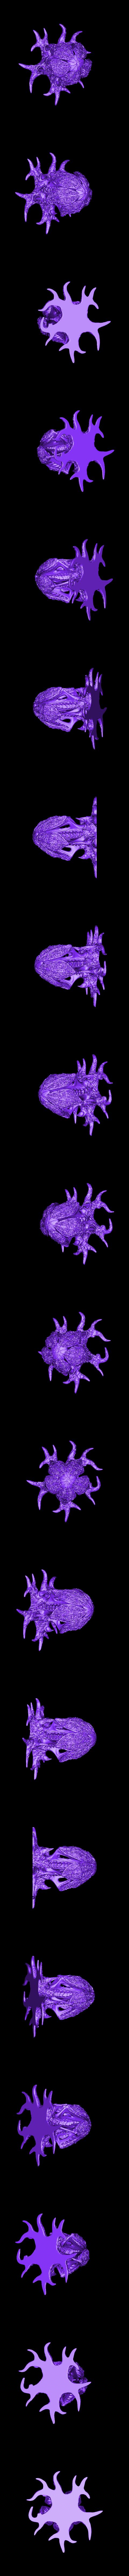 """WastelandPlant01_HIGH.stl Télécharger fichier STL gratuit Installation de table : """"Arbre des Spores du désert"""" (Végétation exotique 12) • Plan pour impression 3D, GrimGreeble"""